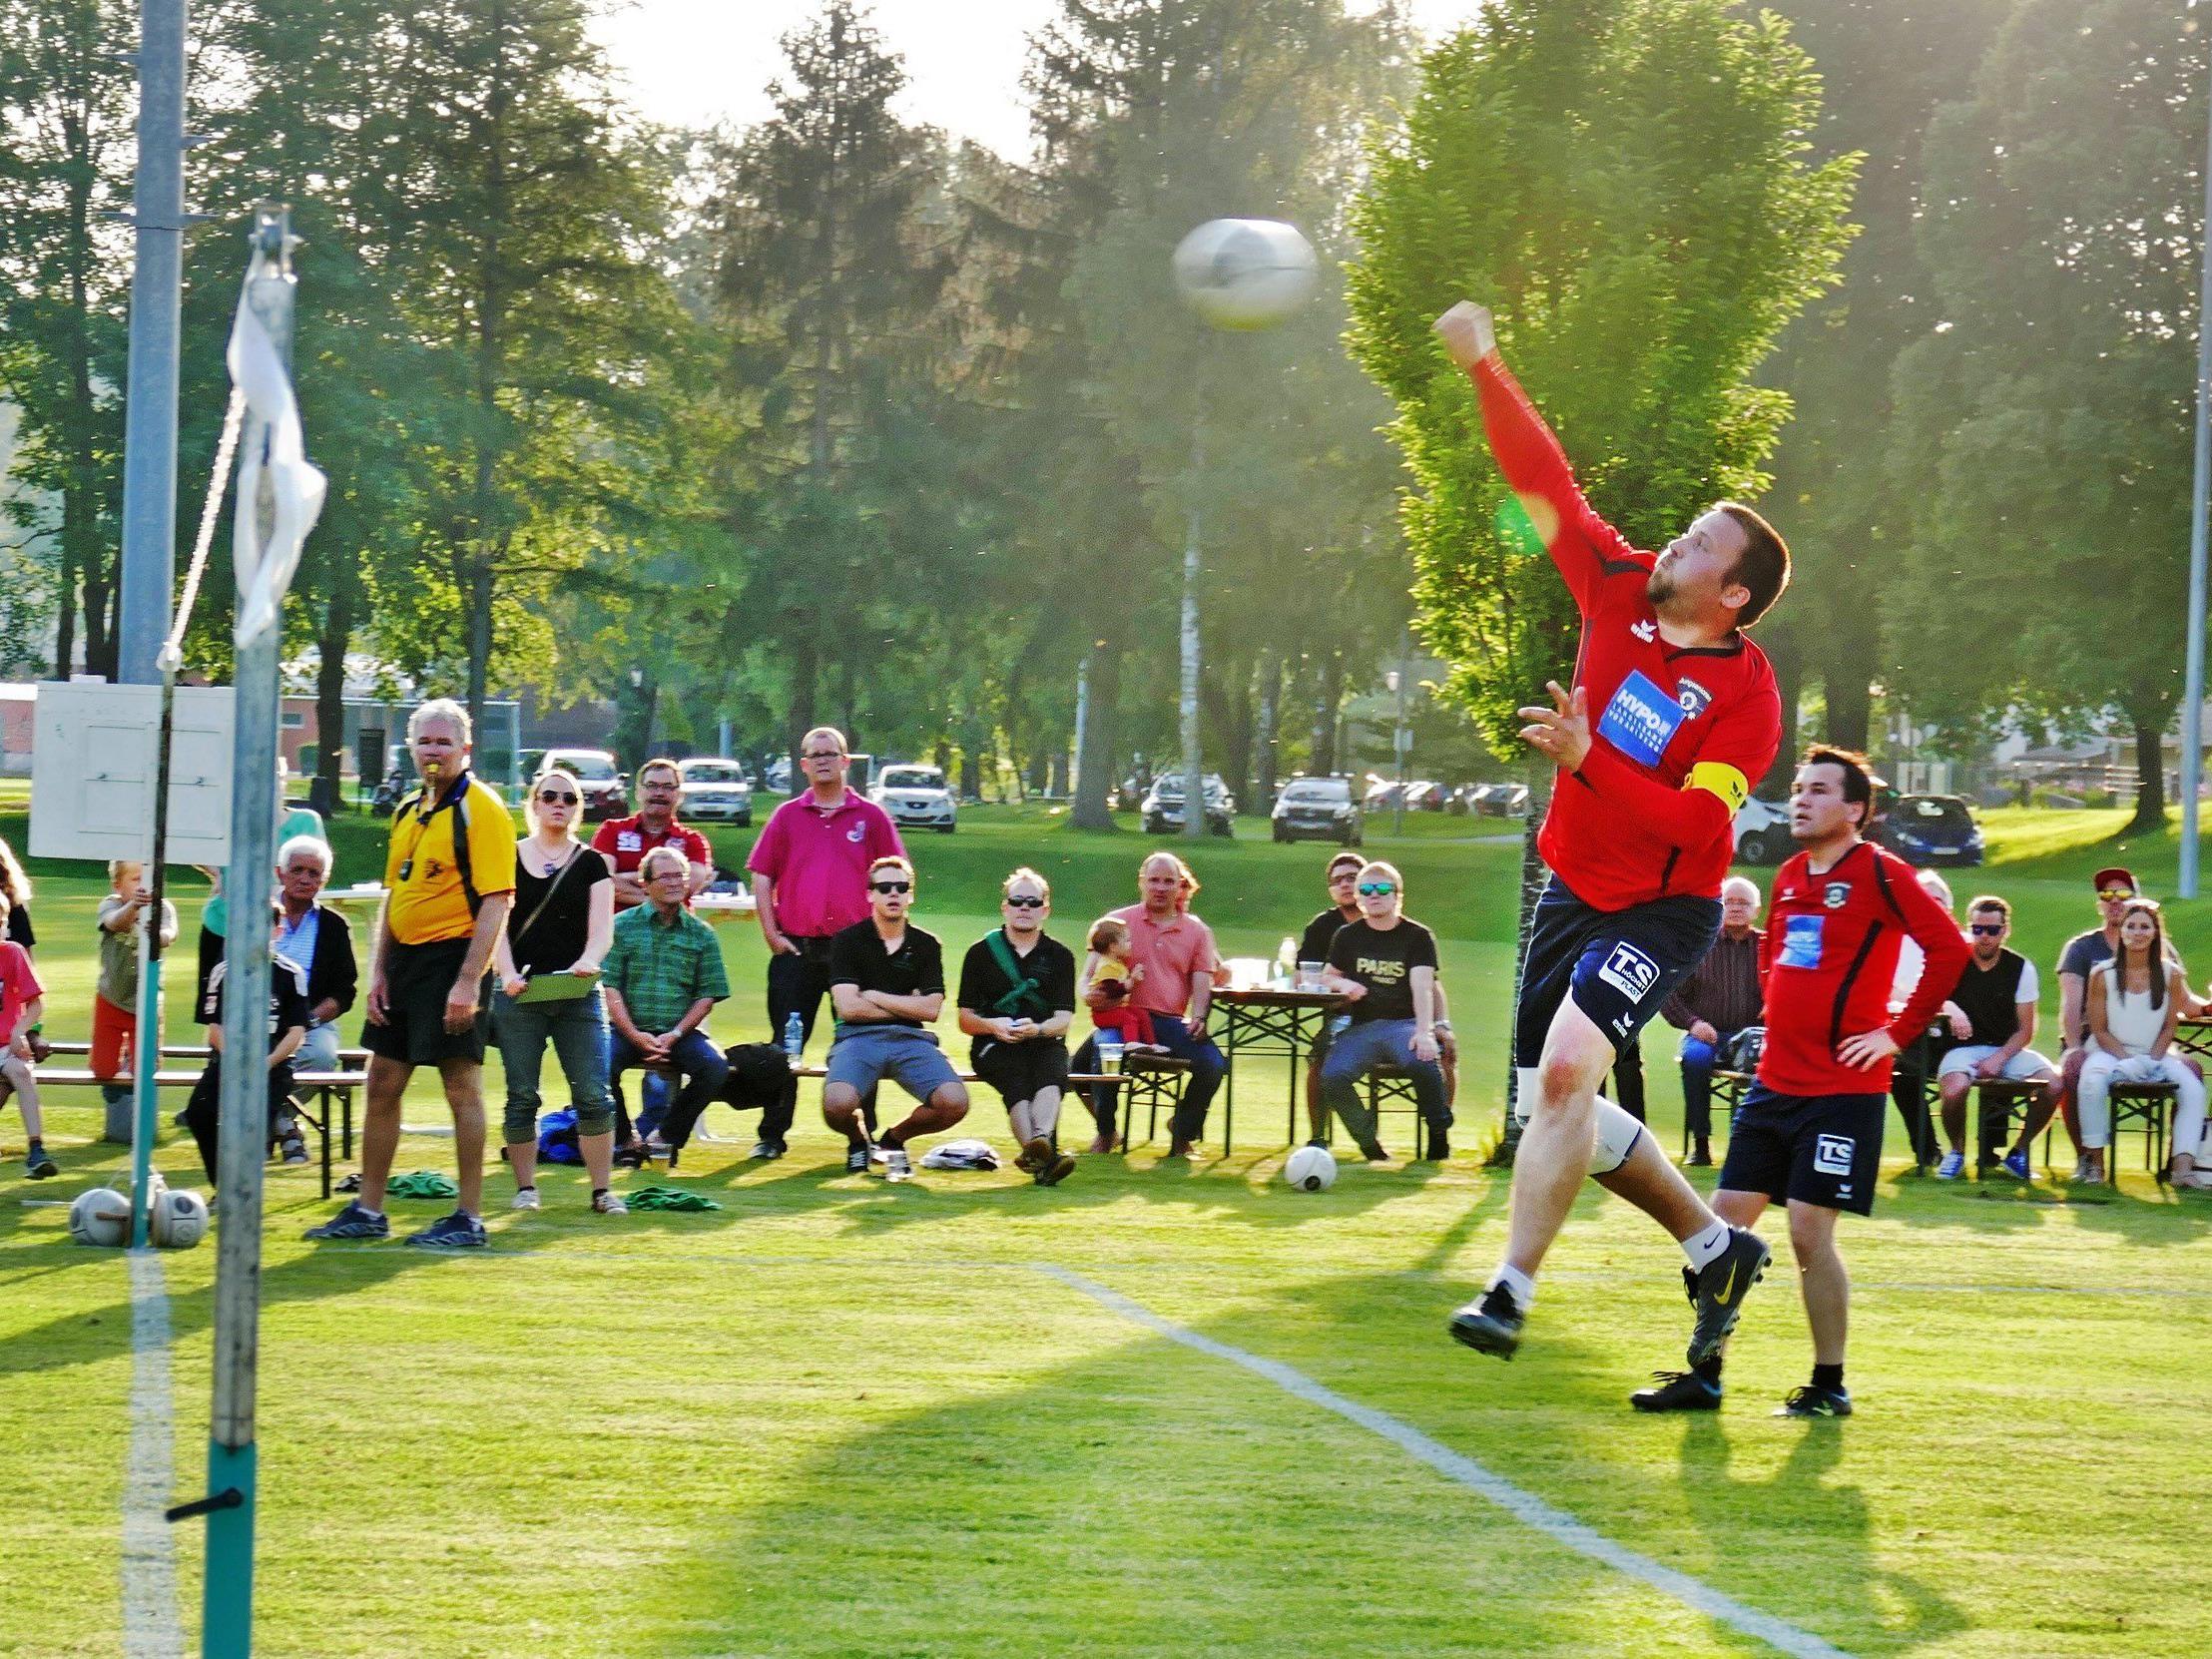 Das Faustballteam der TS Höchst hat am 23. Juni ab 19:00 Uhr den Schweizer Meister Widnau zu Gast.